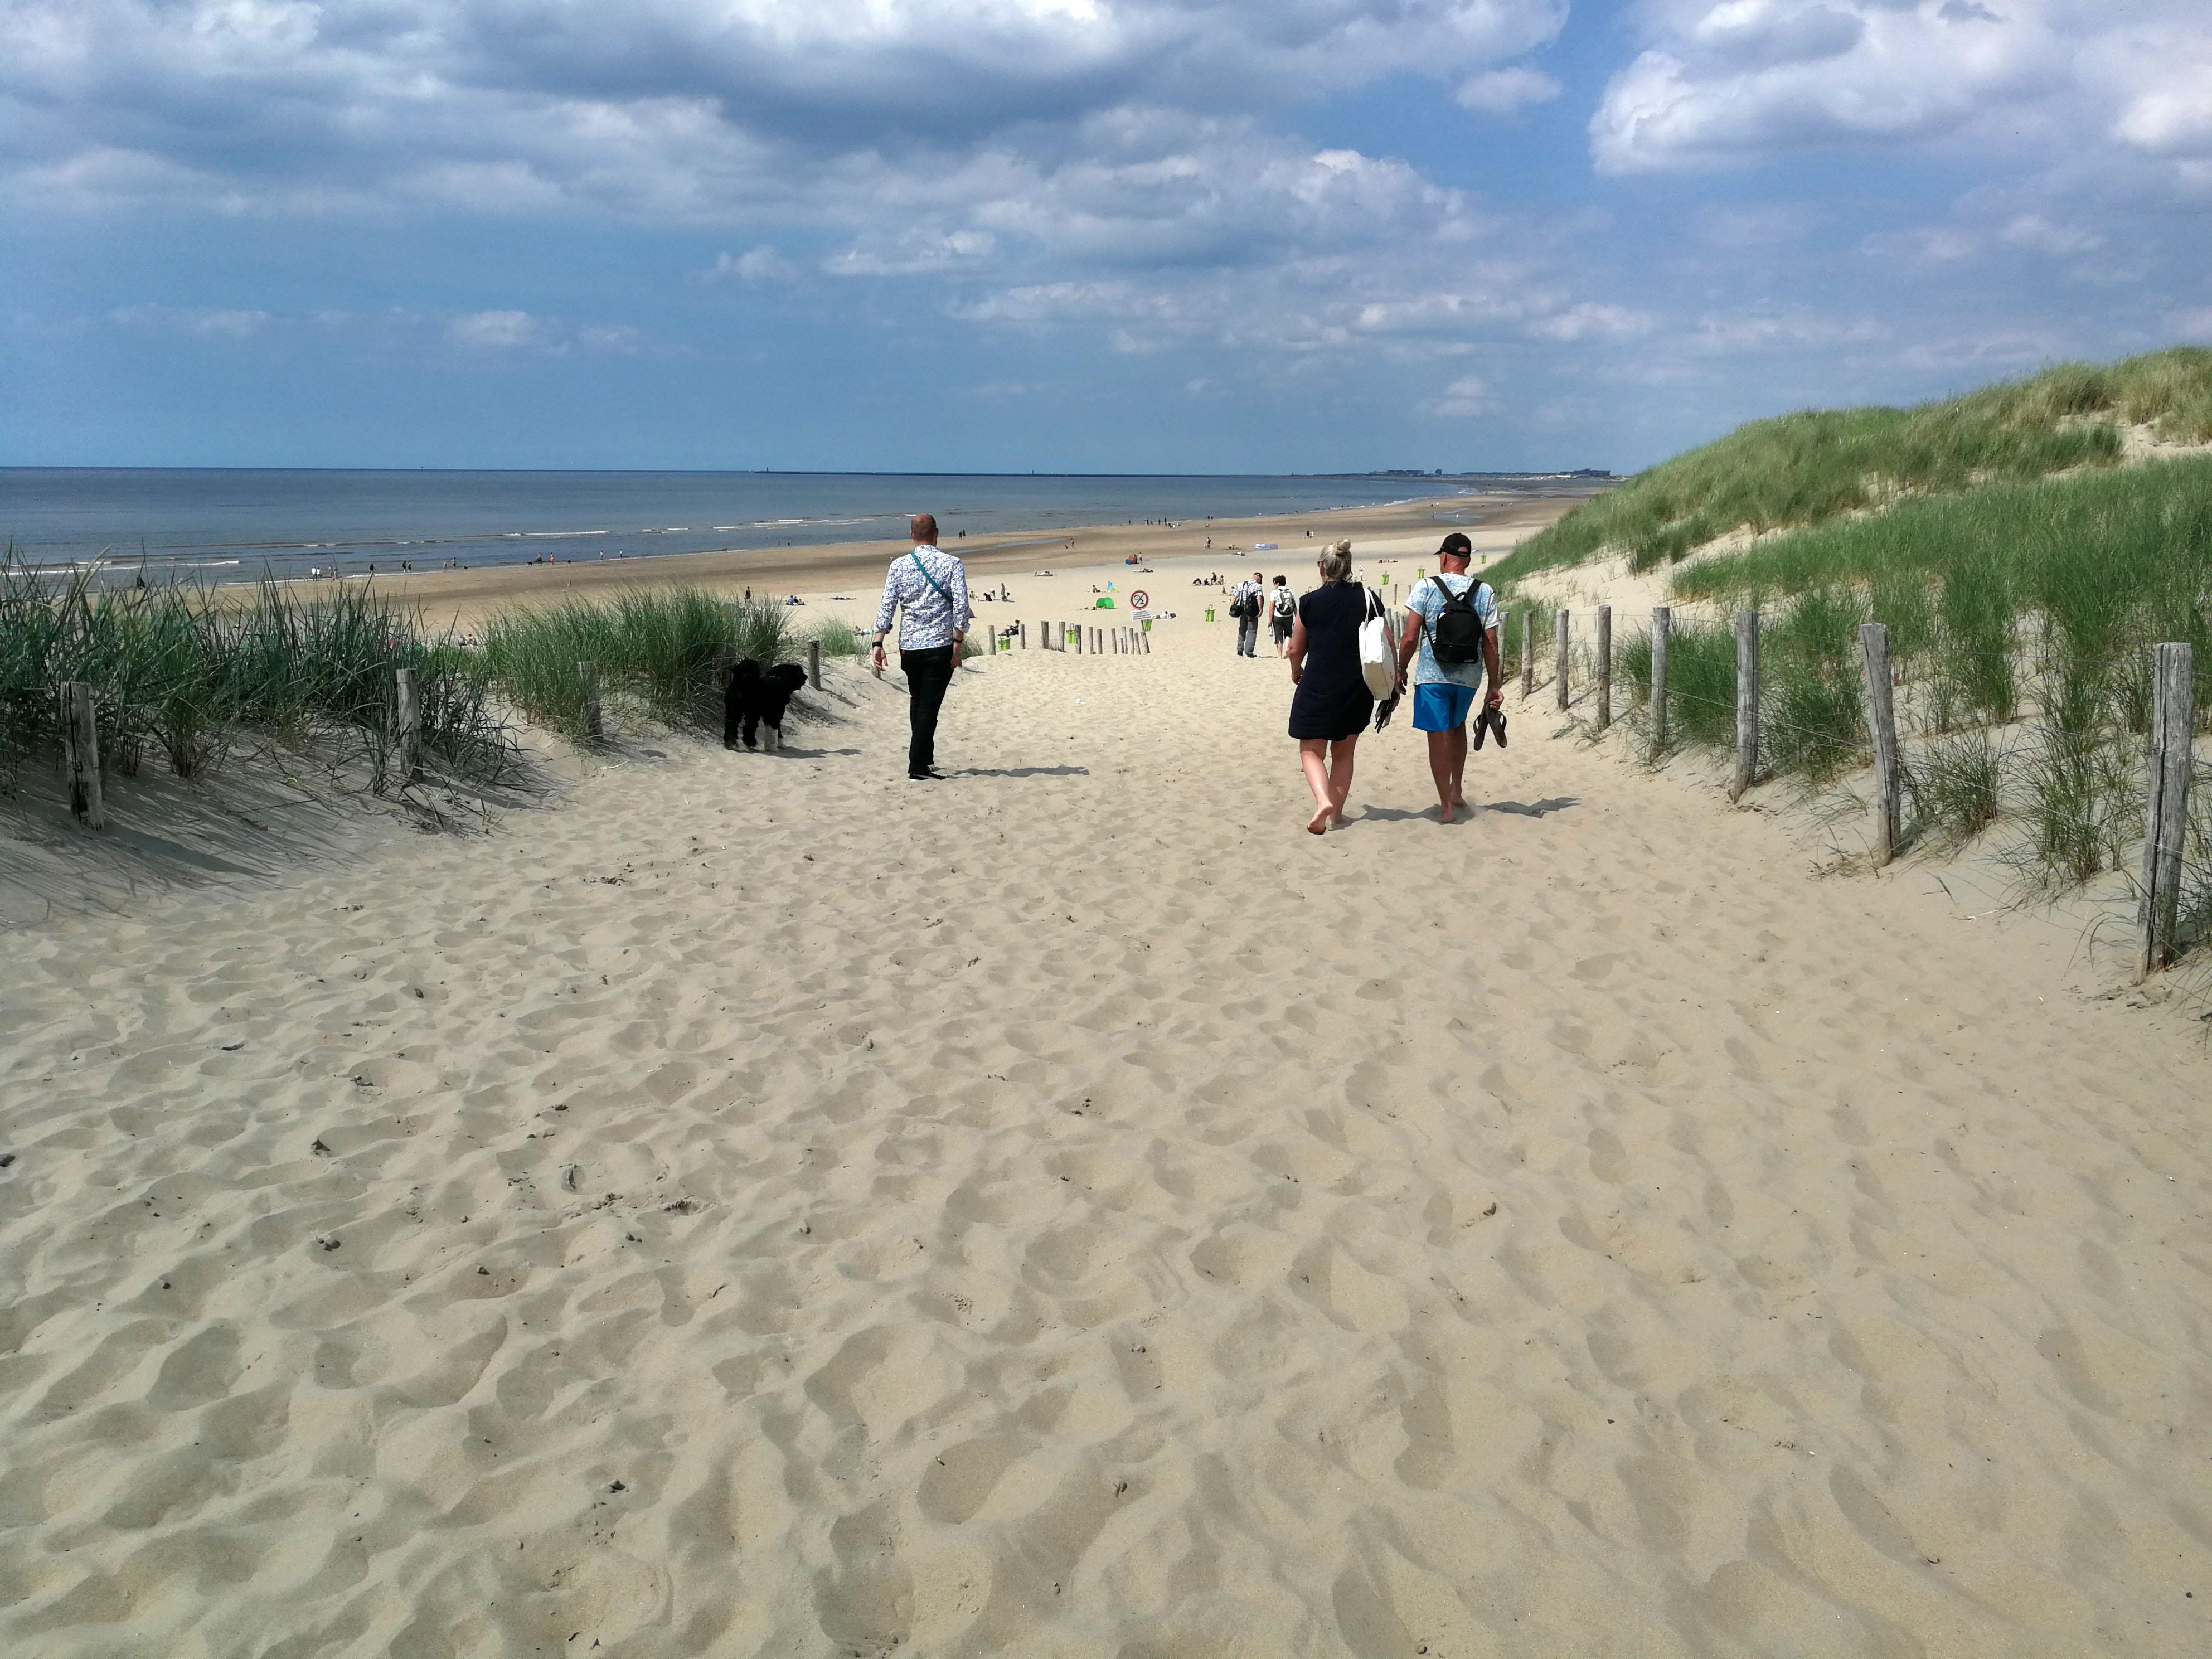 België scherpt reisadvies aan en waarschuwt voor reizen naar Noord-Holland, Zuid-Holland en Zeeland